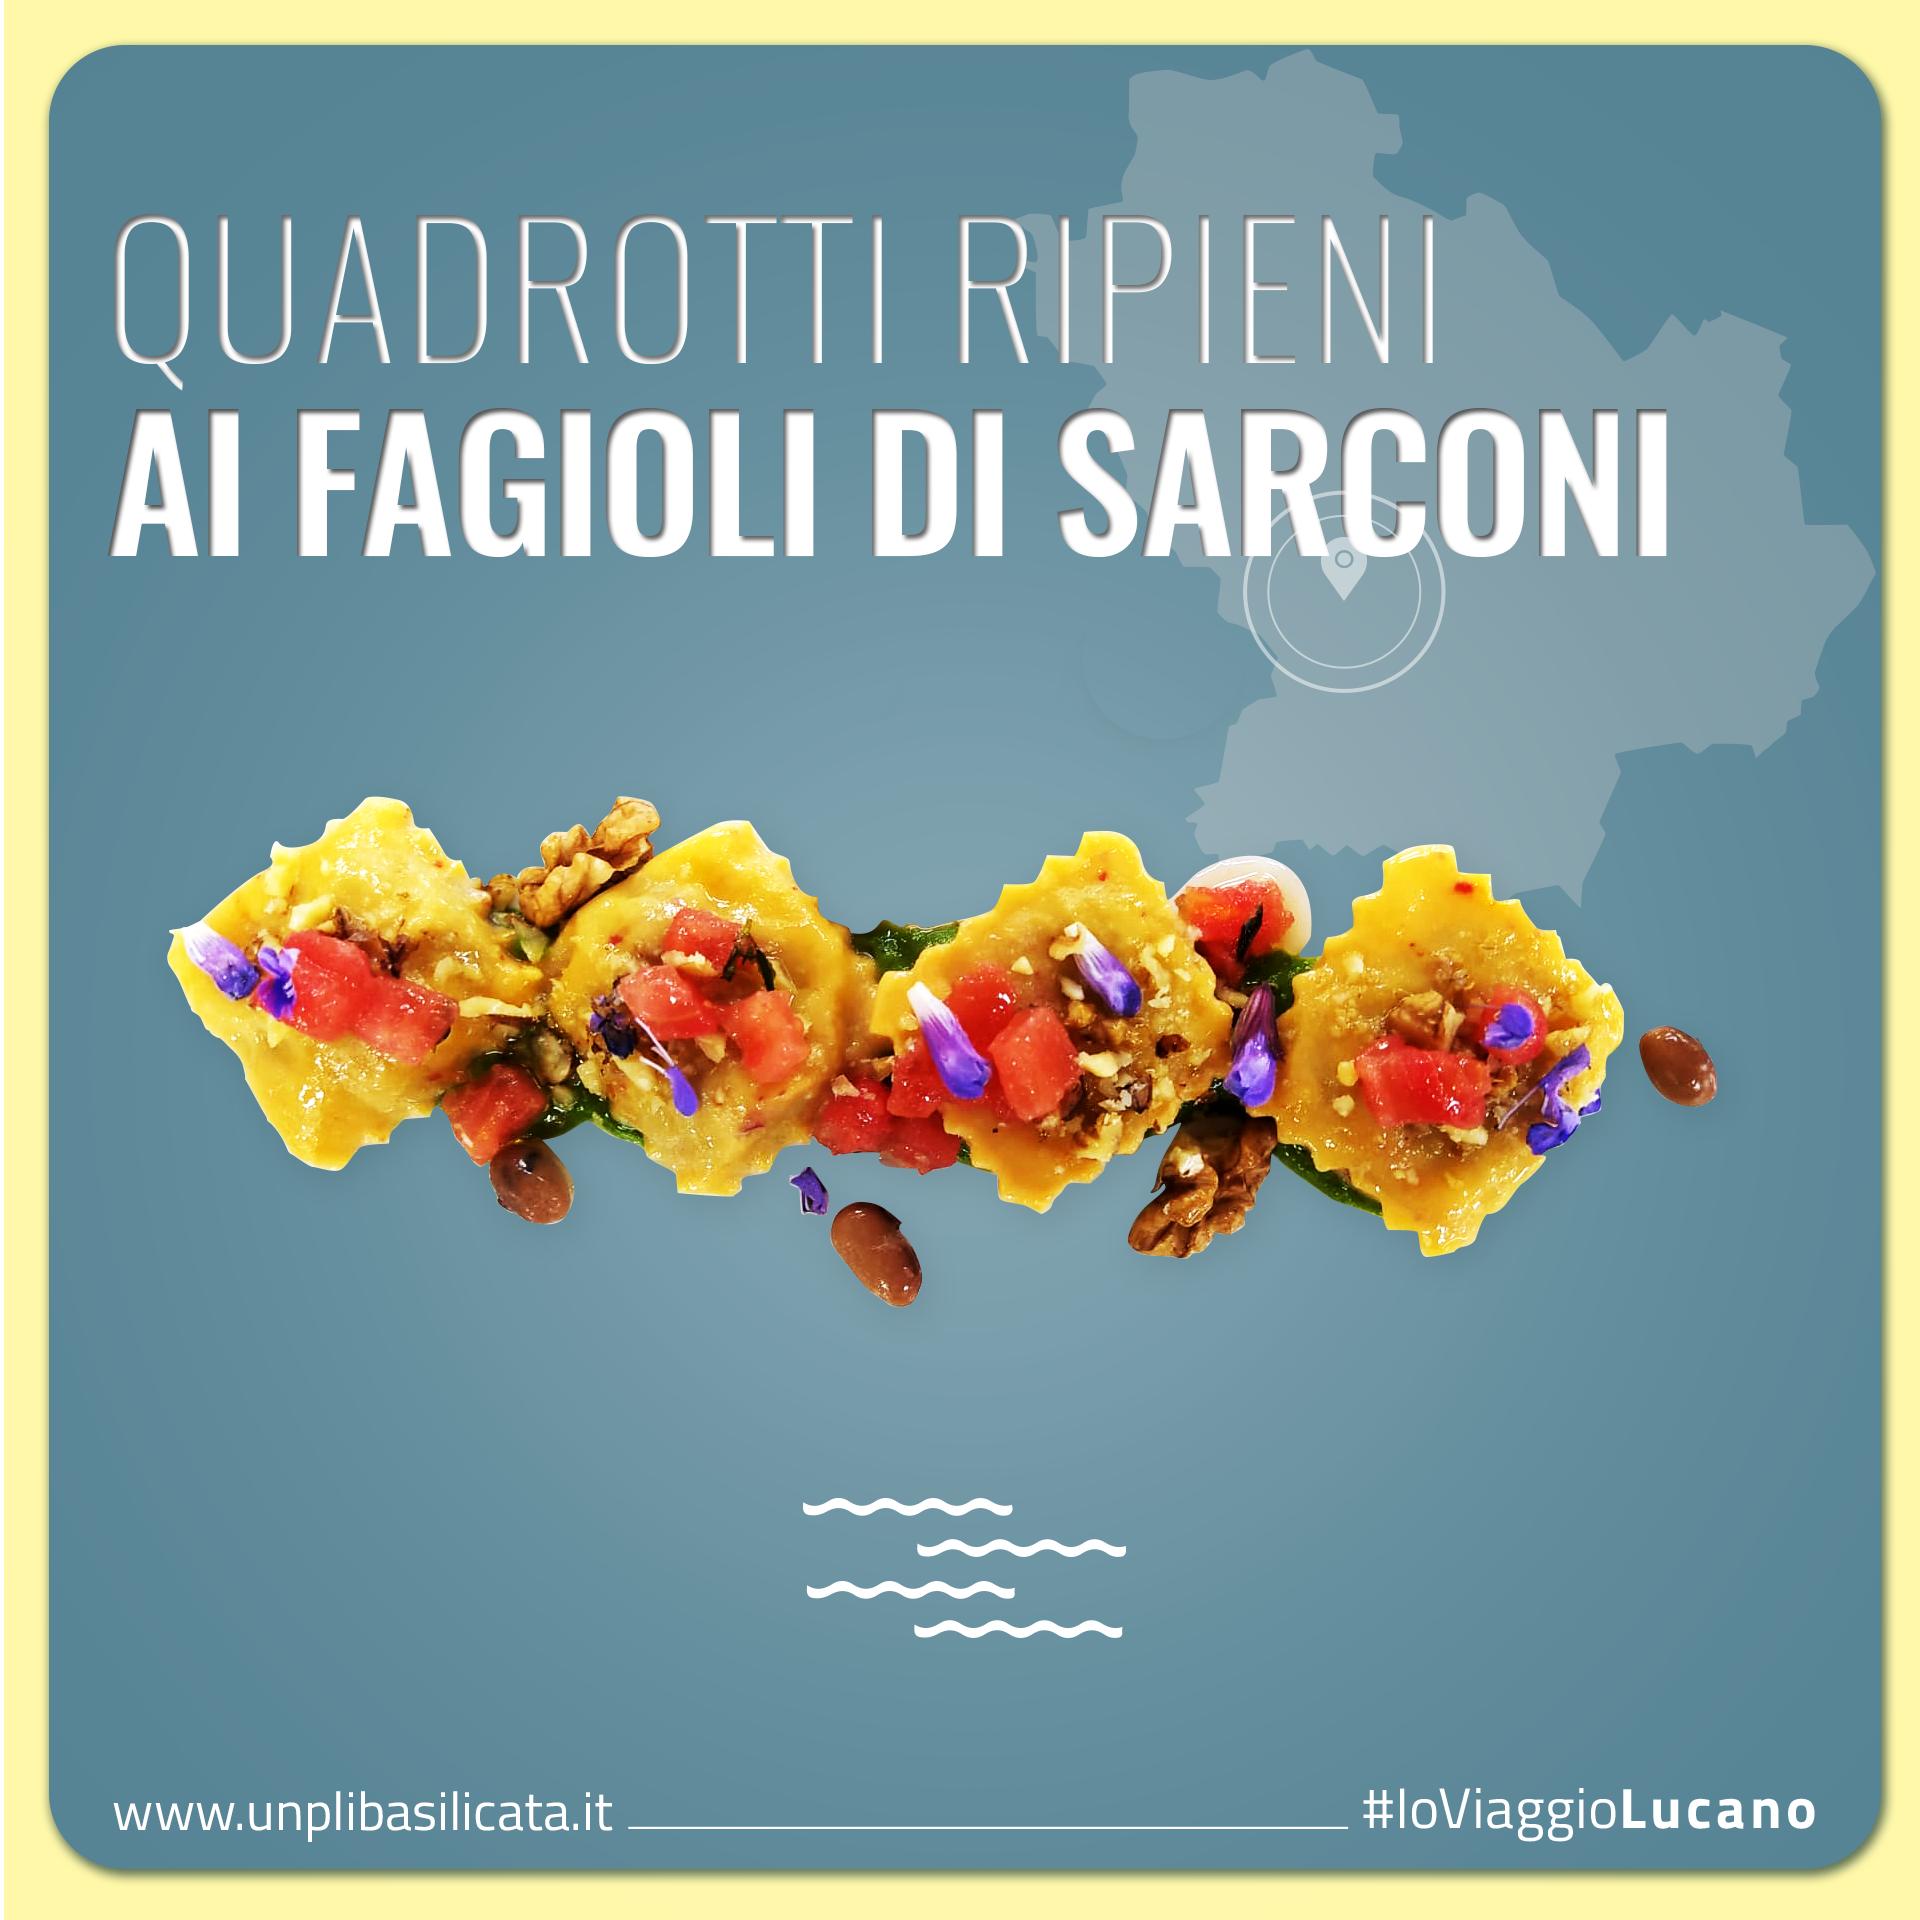 Quadrotti ripieni ai fagioli di Sarconi, rubrica EnogAstronomica